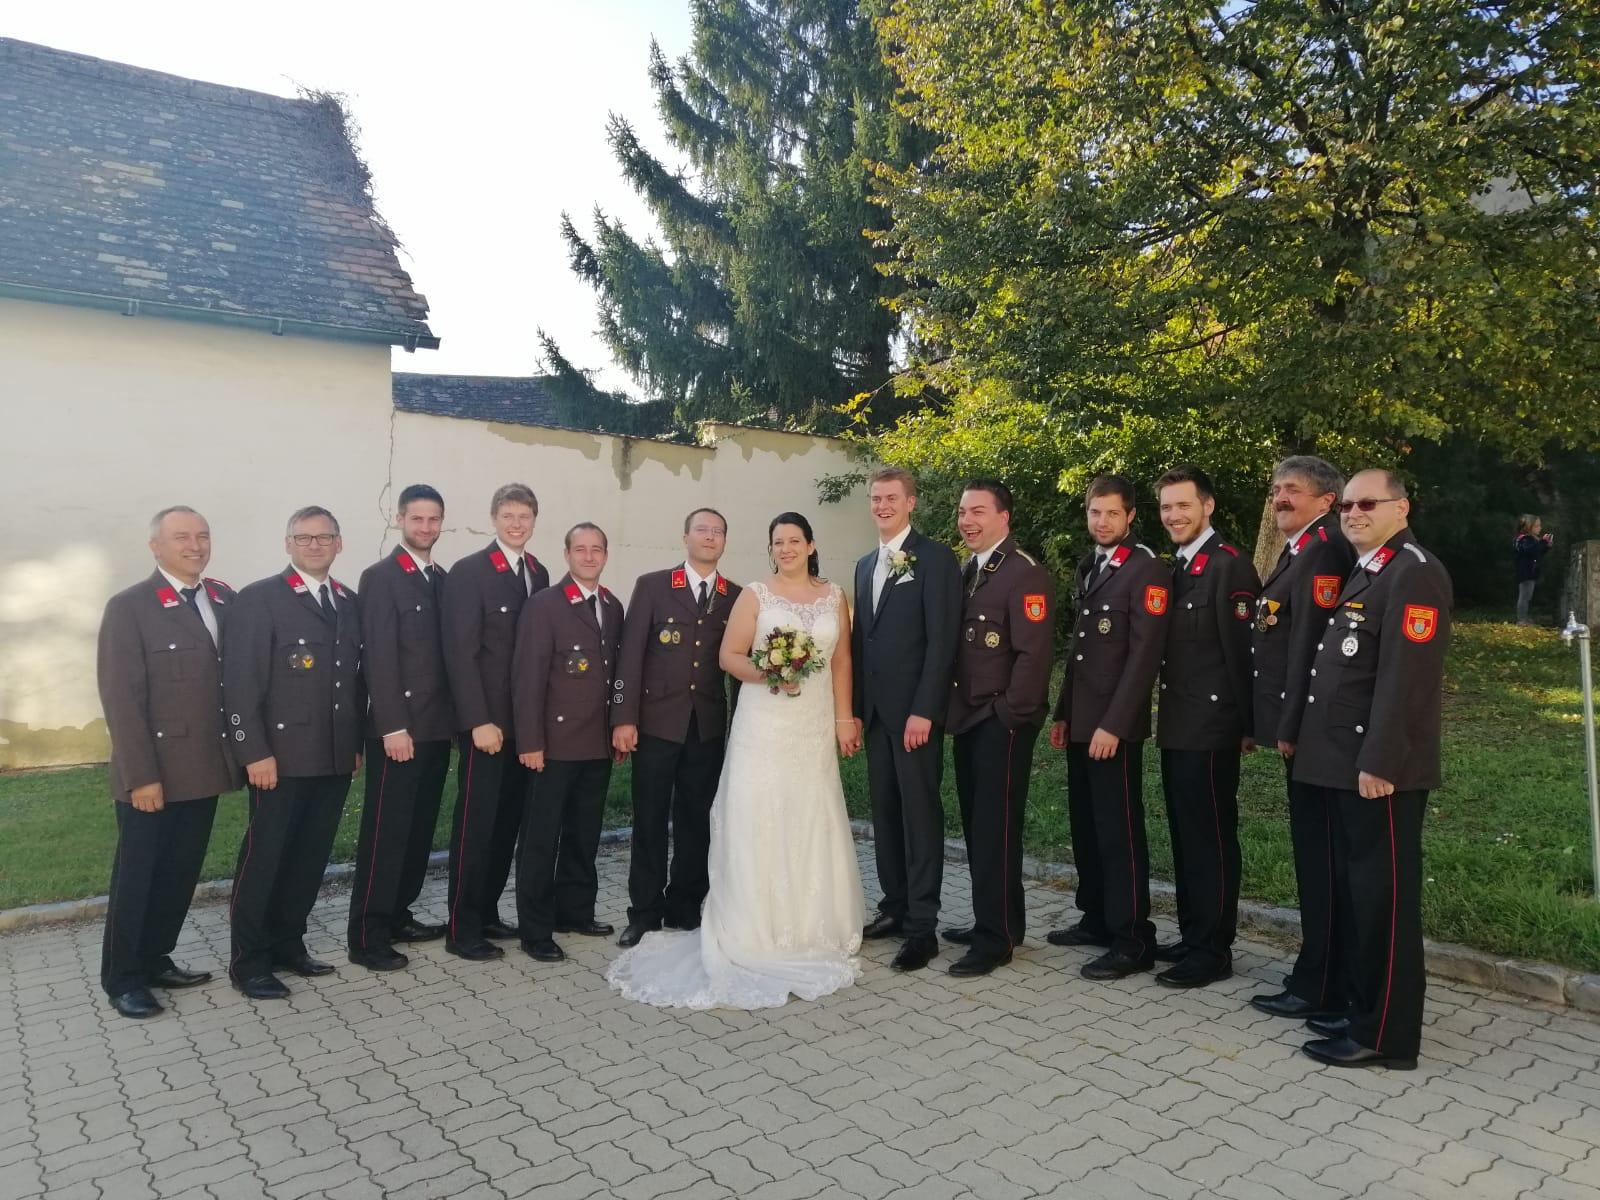 Ein Foto mit den Kameraden der Feuerwehr durfte natürlich auch nicht fehlen